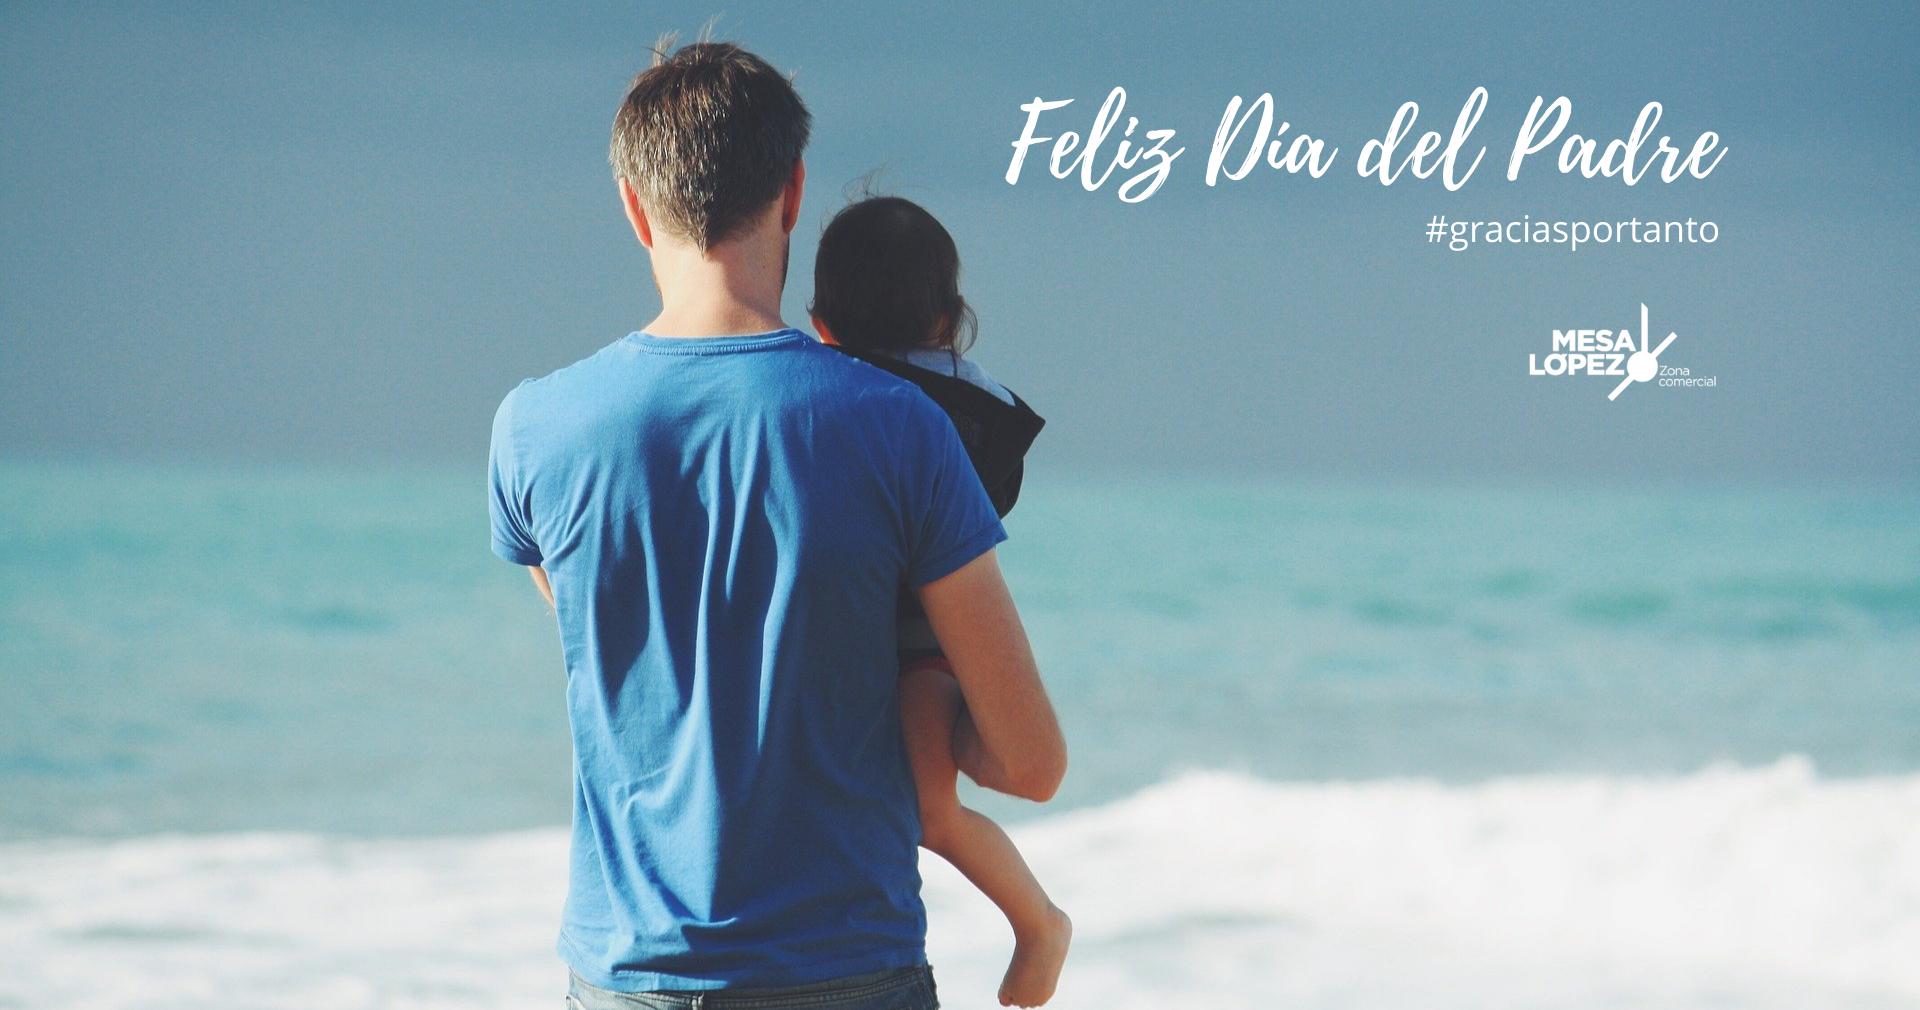 Día del Padre | 19 de Marzo